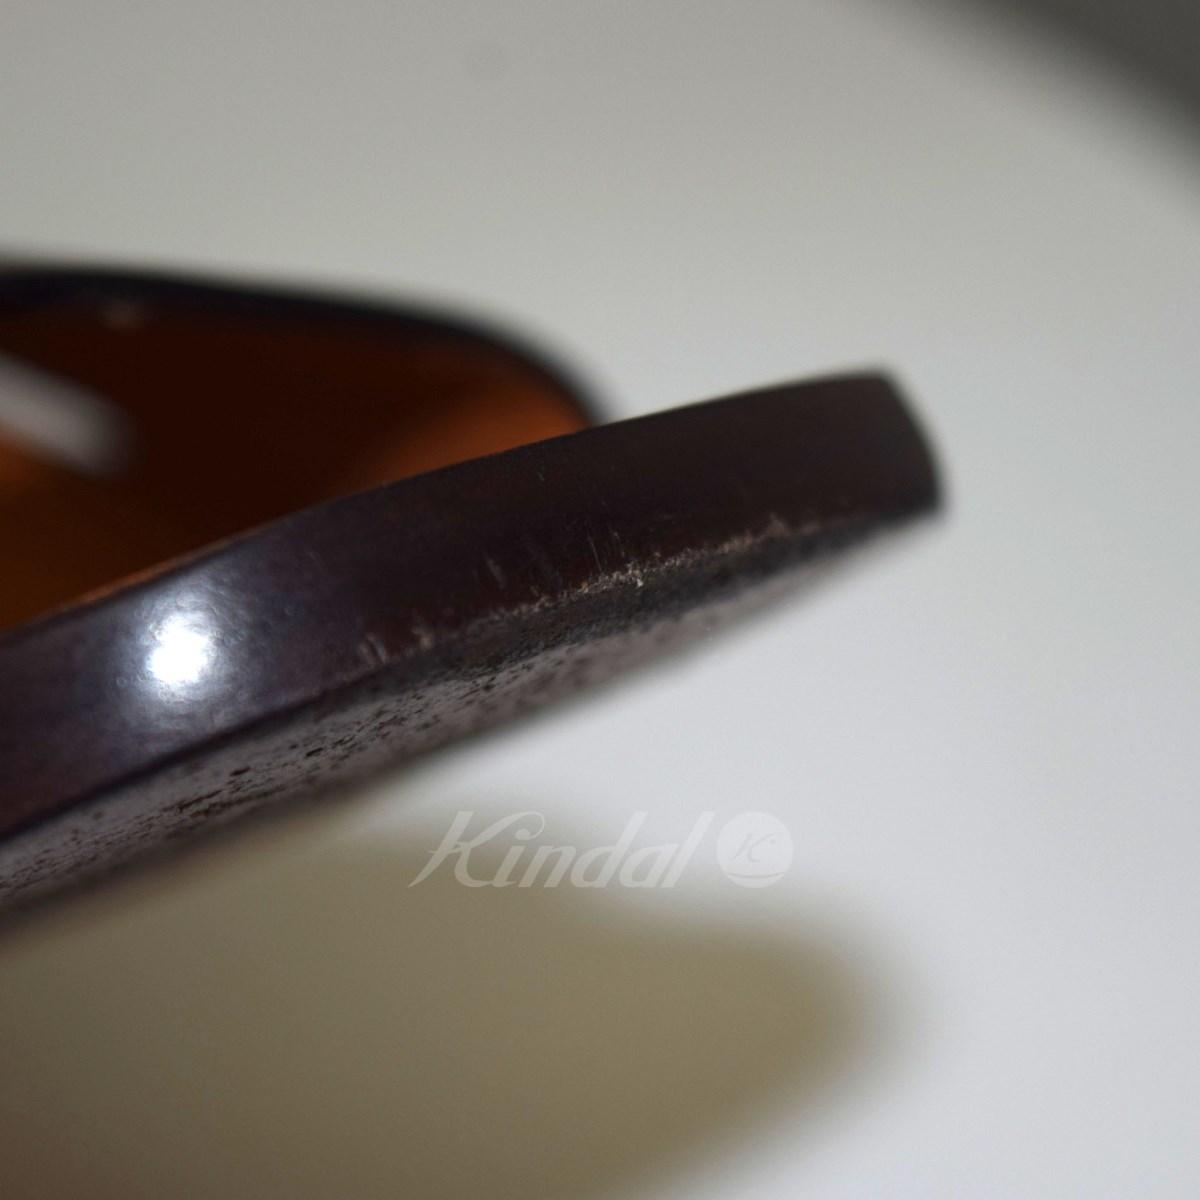 (セリーヌ) サイズ:36 メタルヒールサンダル CELINE 1/ 【220419】 【中古】 【送料無料】 ブラックxブラウンxシルバー 2